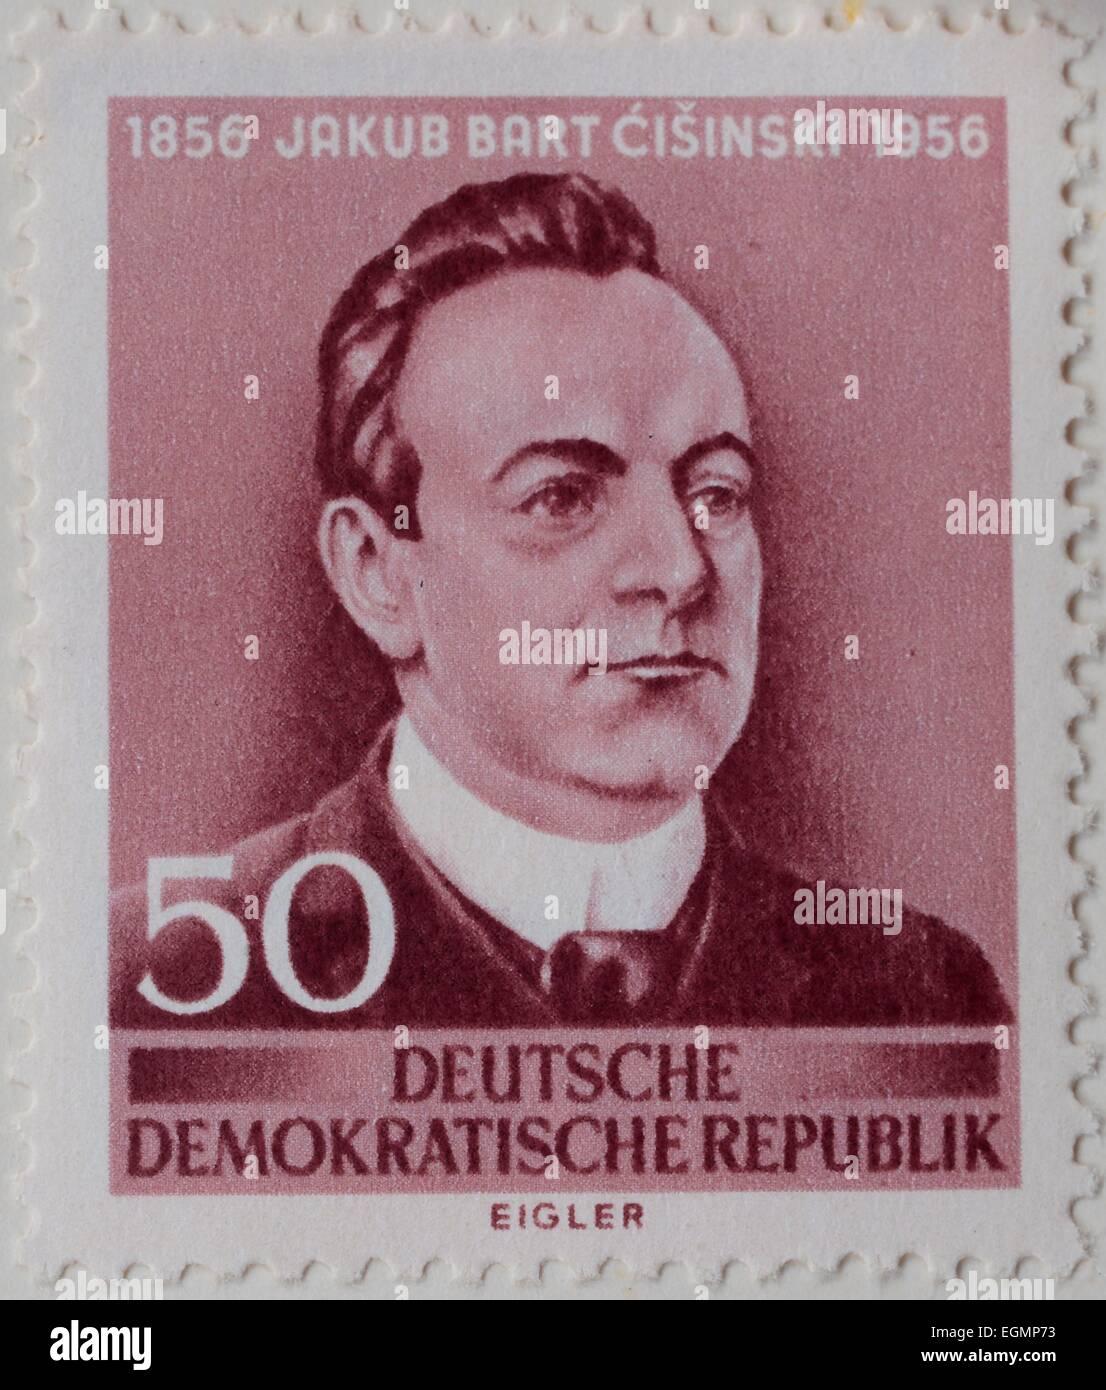 Jakub Bart-Ćišinski, portrait on a stamp, GDR, 1956 Stock Photo